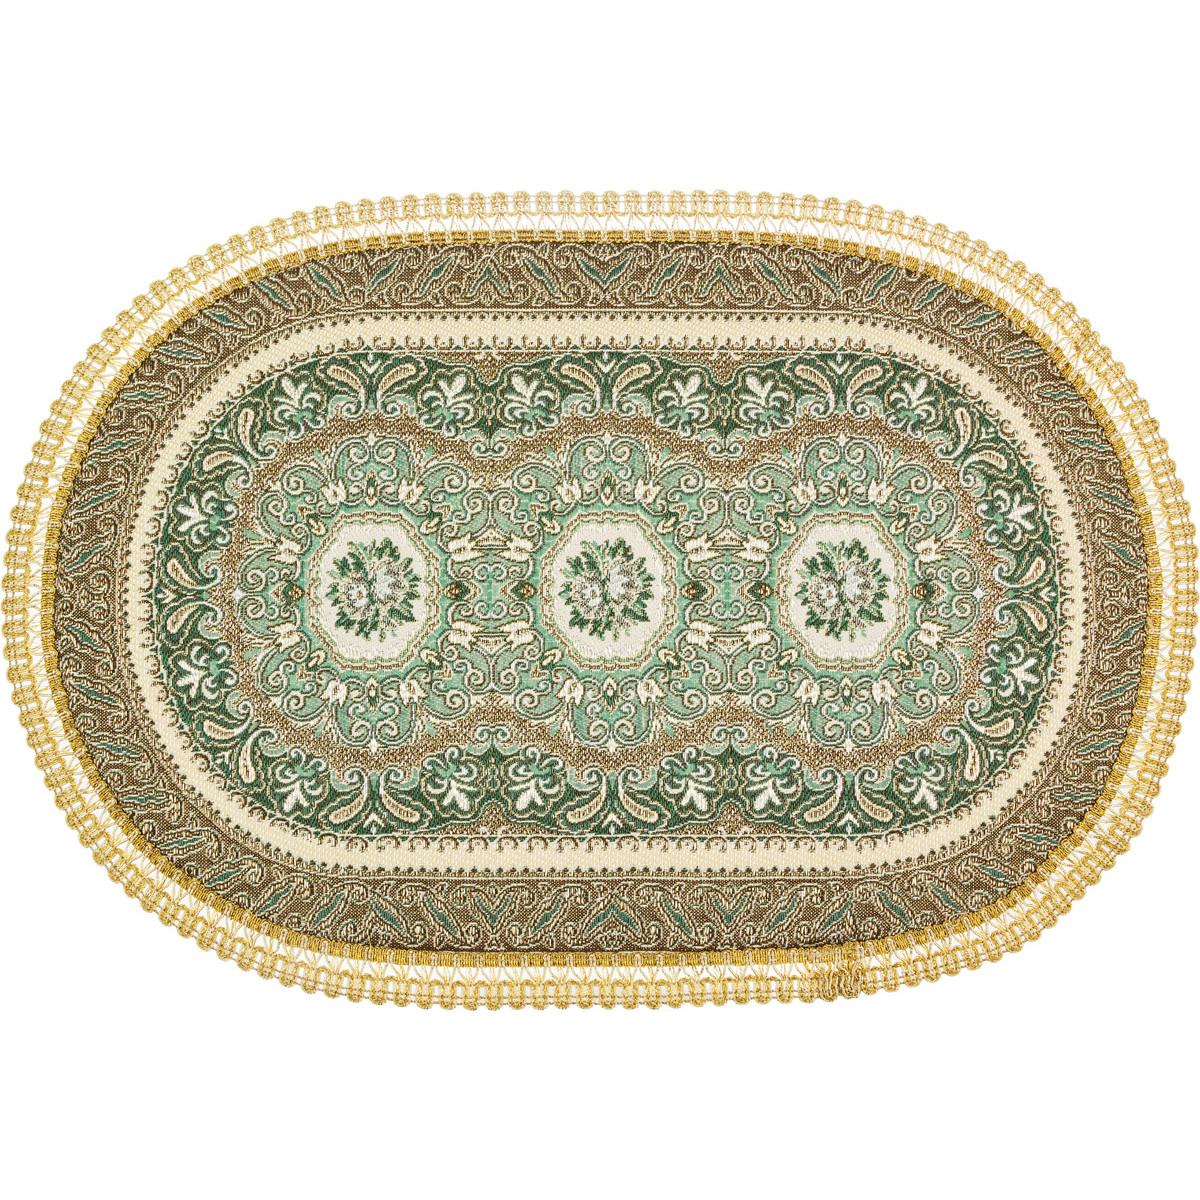 Скатерти и салфетки Lefard Салфетки Sheila  (32х48 см) салфетка декоративная lefard 48 32 см